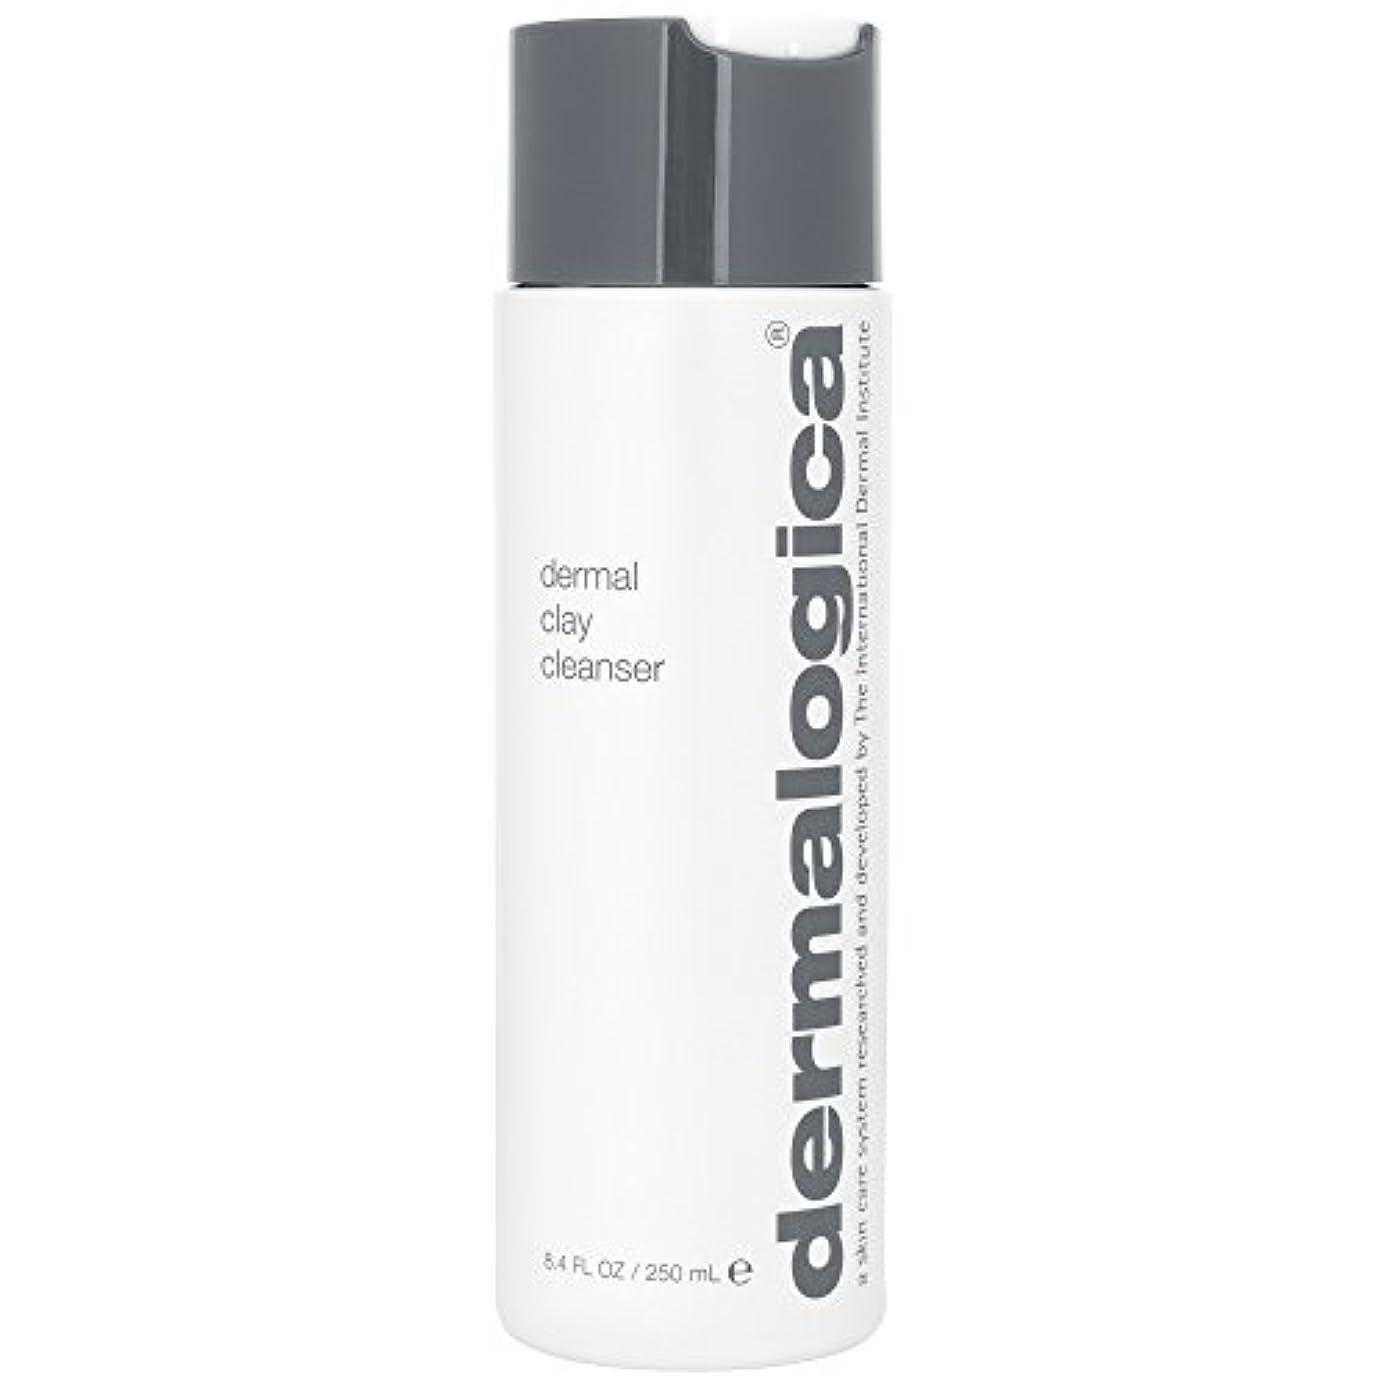 徹底蒸留するグレートオークダーマロジカ真皮クレイクレンザー250ミリリットル (Dermalogica) (x2) - Dermalogica Dermal Clay Cleanser 250ml (Pack of 2) [並行輸入品]